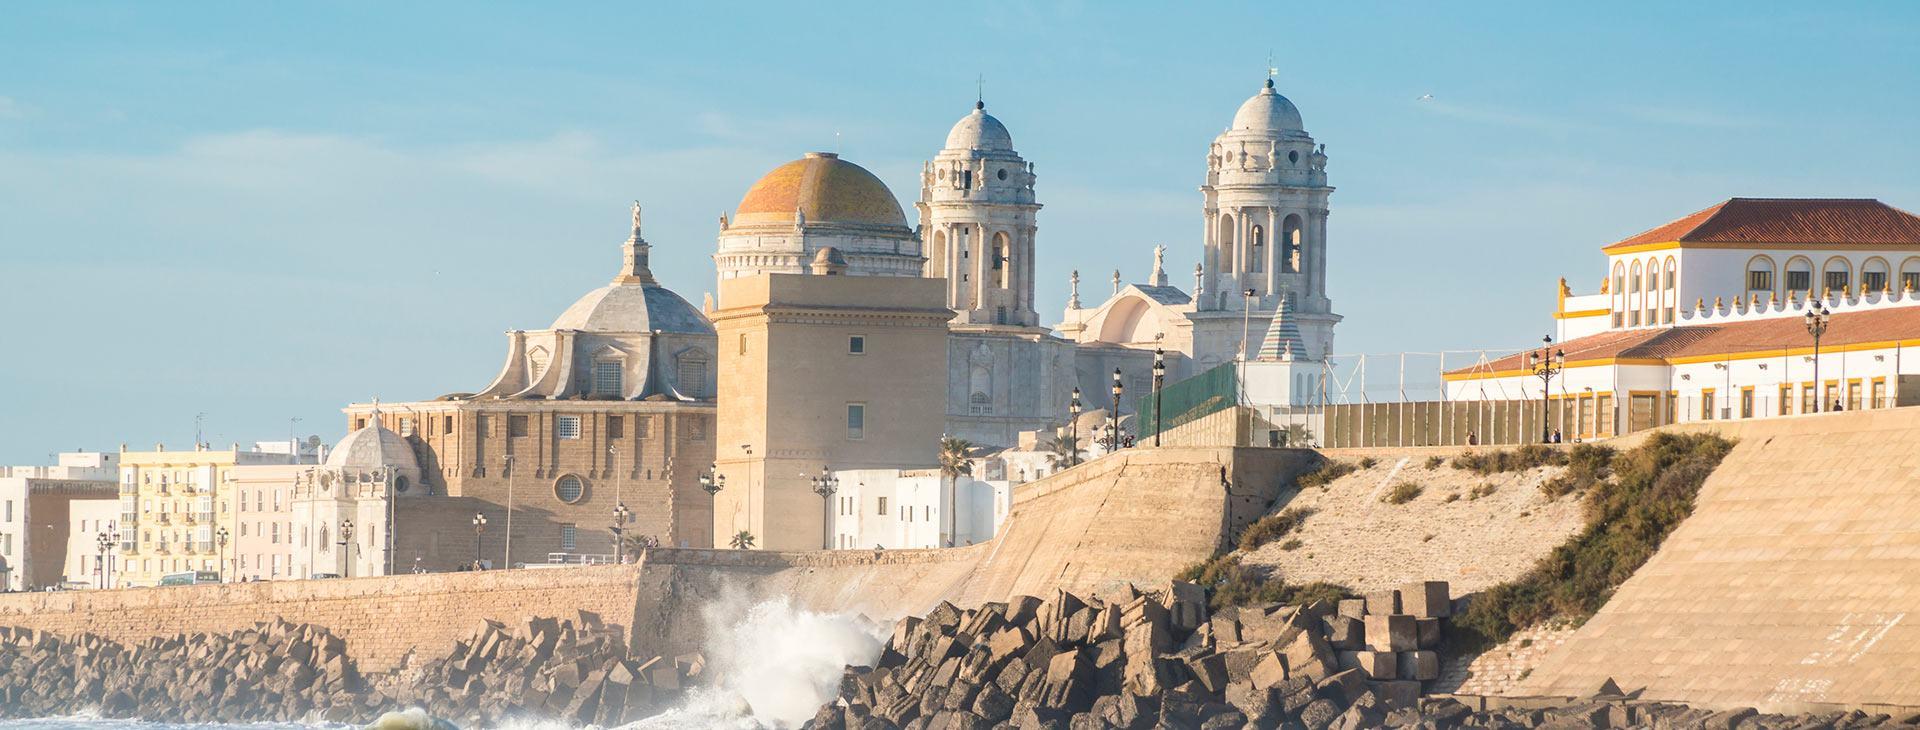 Od Al Andalus do Andaluzji Hiszpania, Wyc. objazdowe